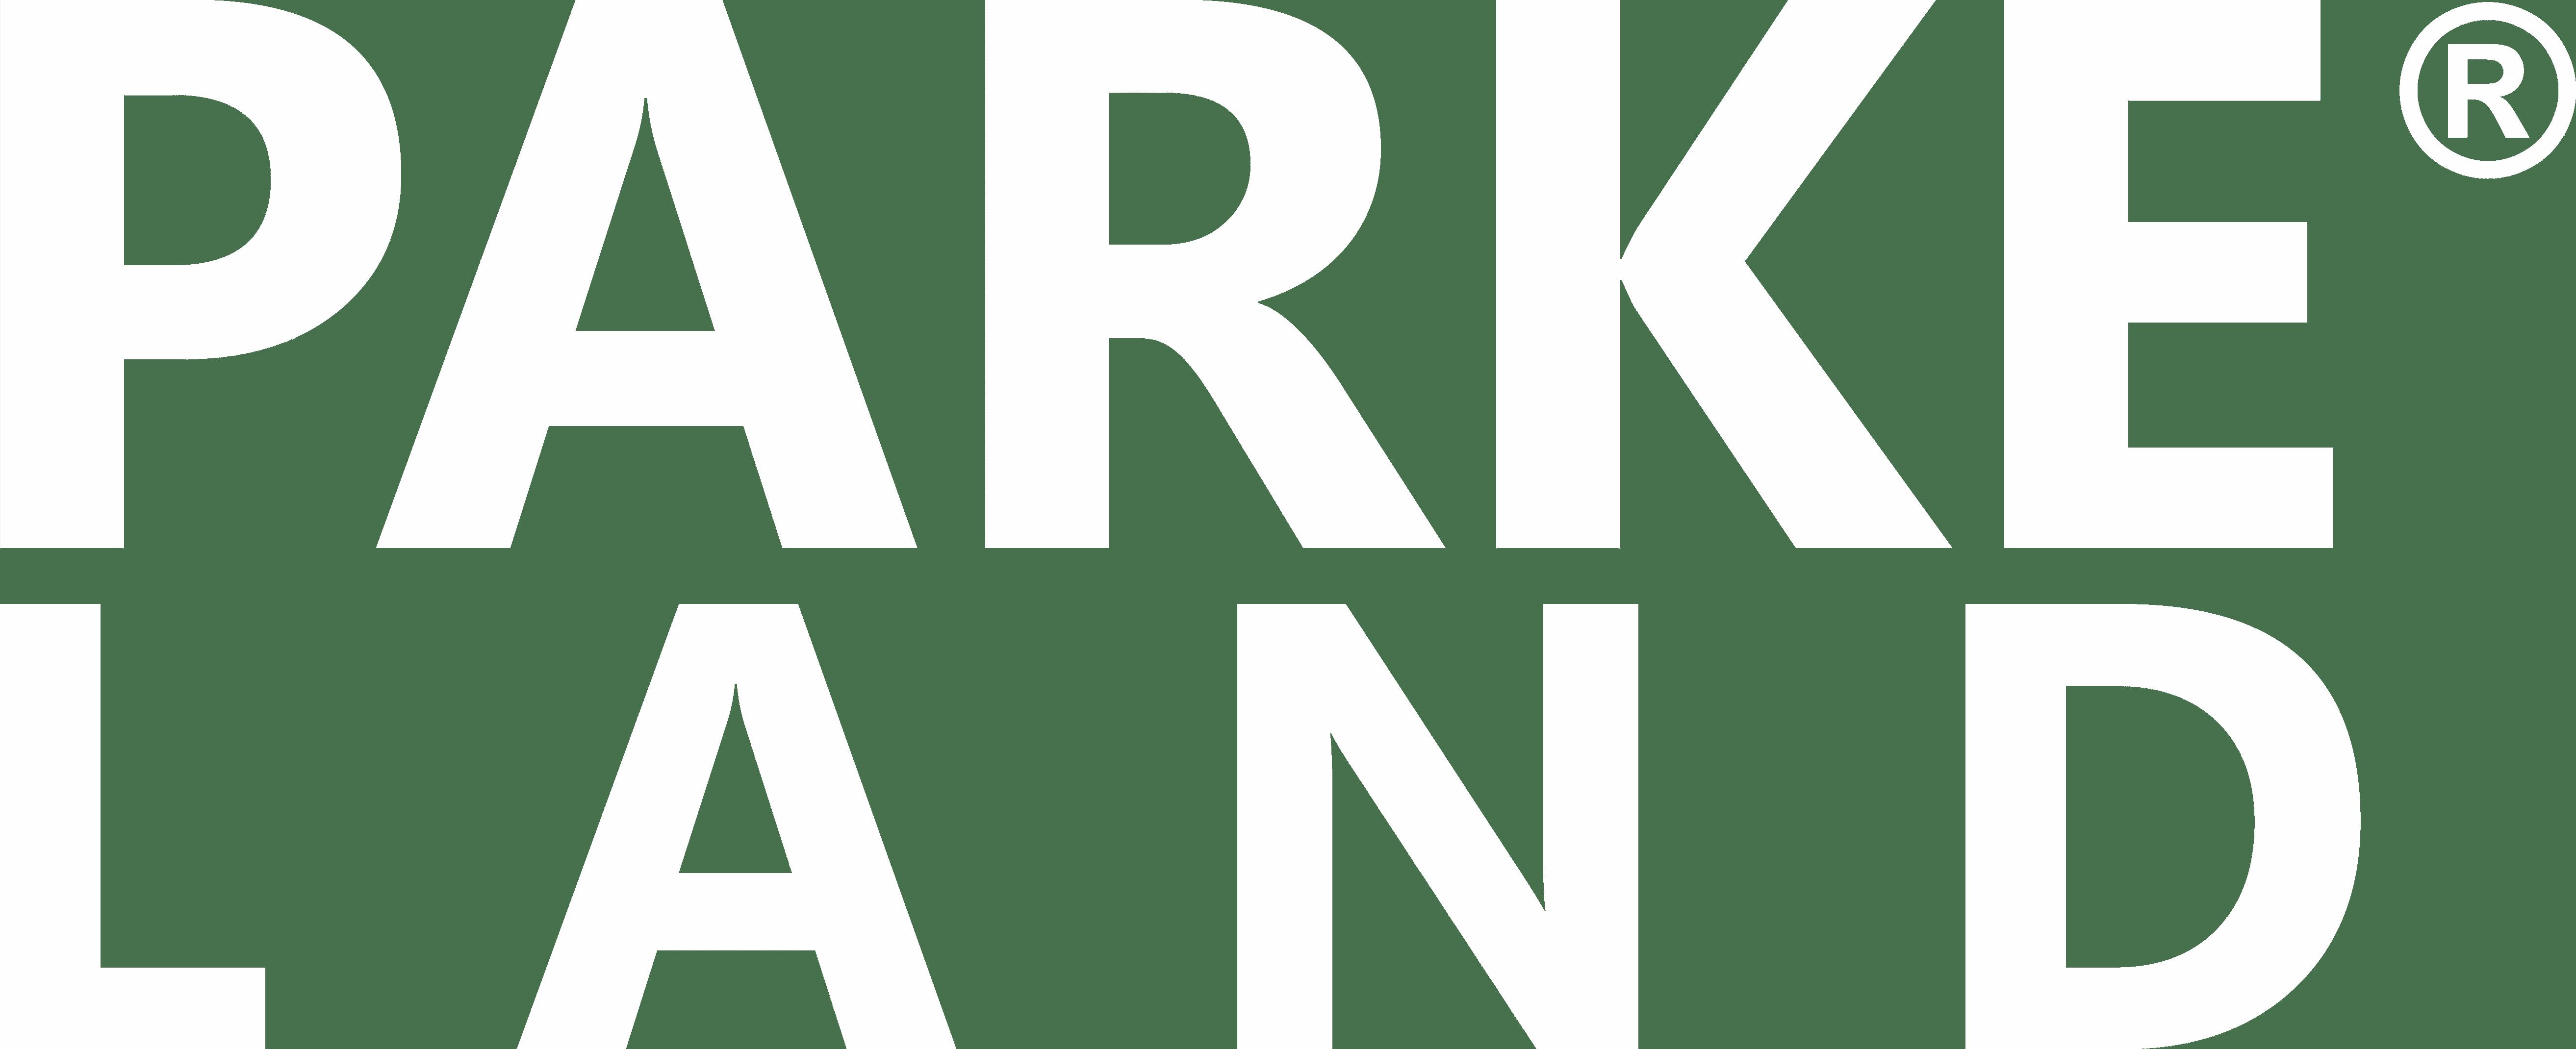 PARKELAND Parke Modelleri Parke Fiyatları